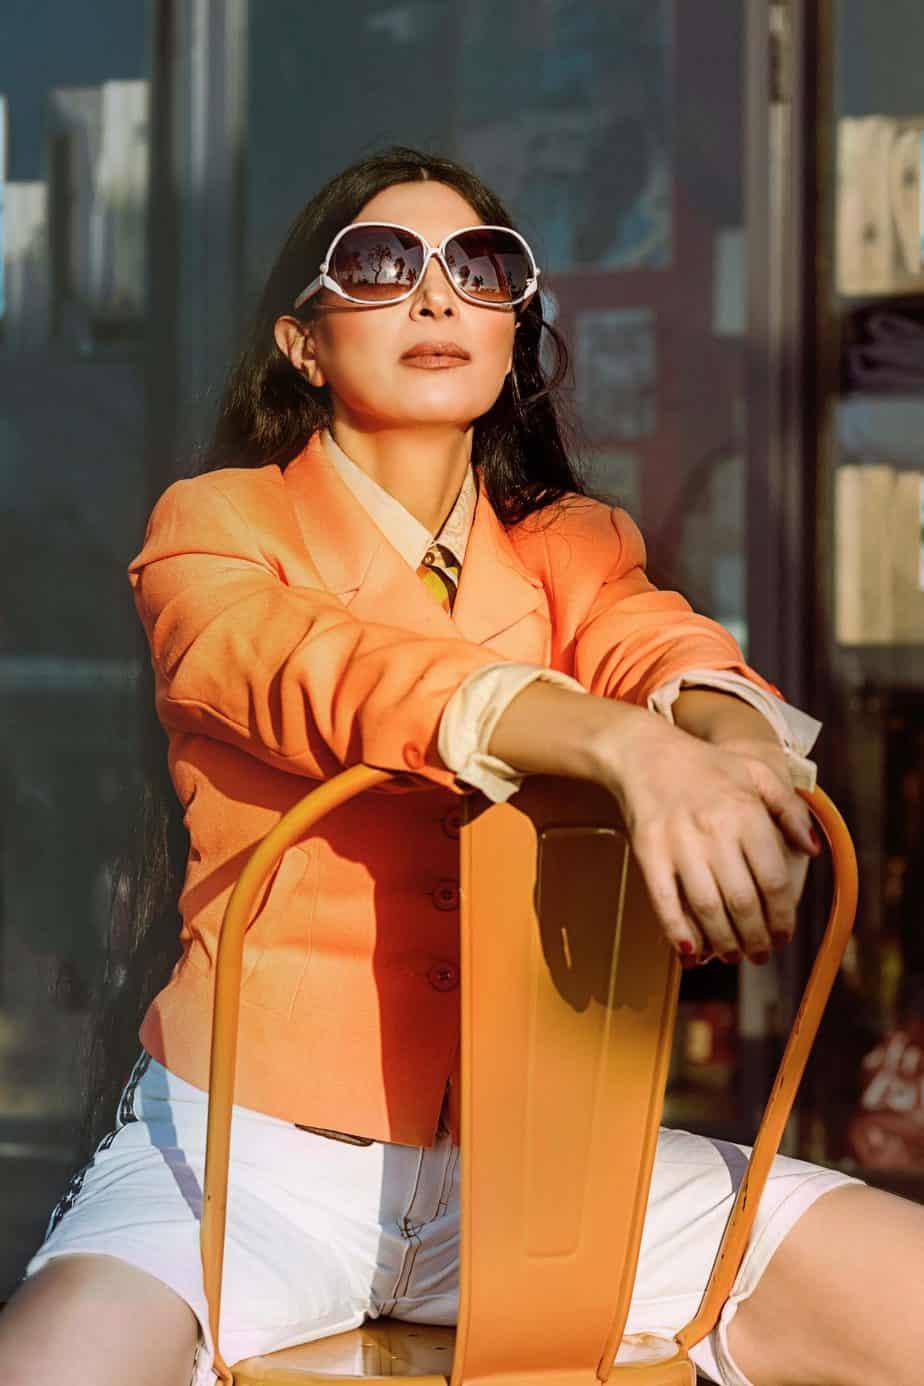 ג'קט שנות ה- 70, ברמודה שנות ה- 80, מאיה אושרי כהן, אופנה שנות השבעים,צילום Gennadiy Tsodik